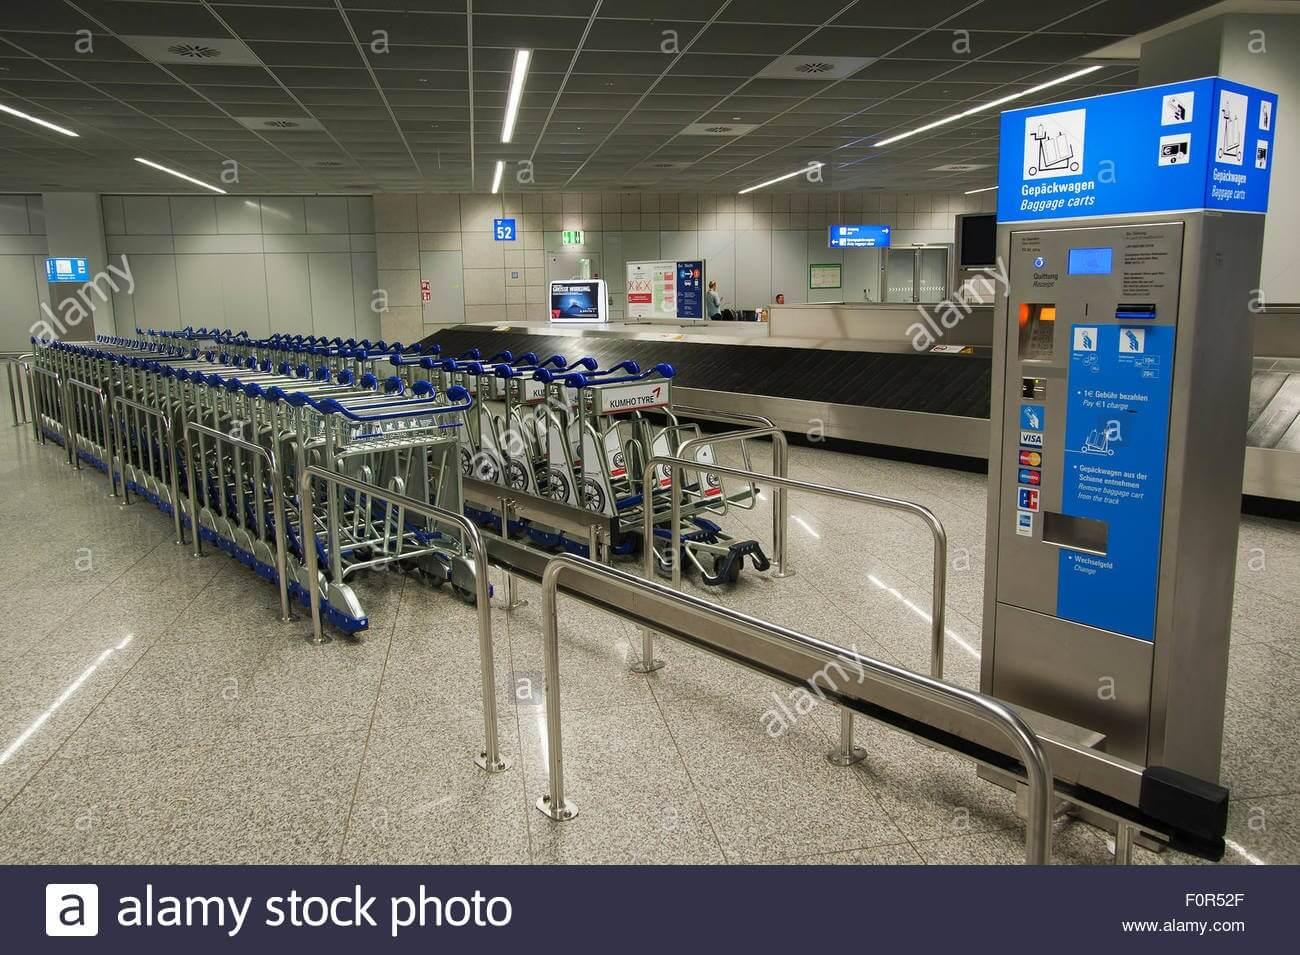 hành lý cần thiết khi đi du học Đức- Xe đẩy hành lý